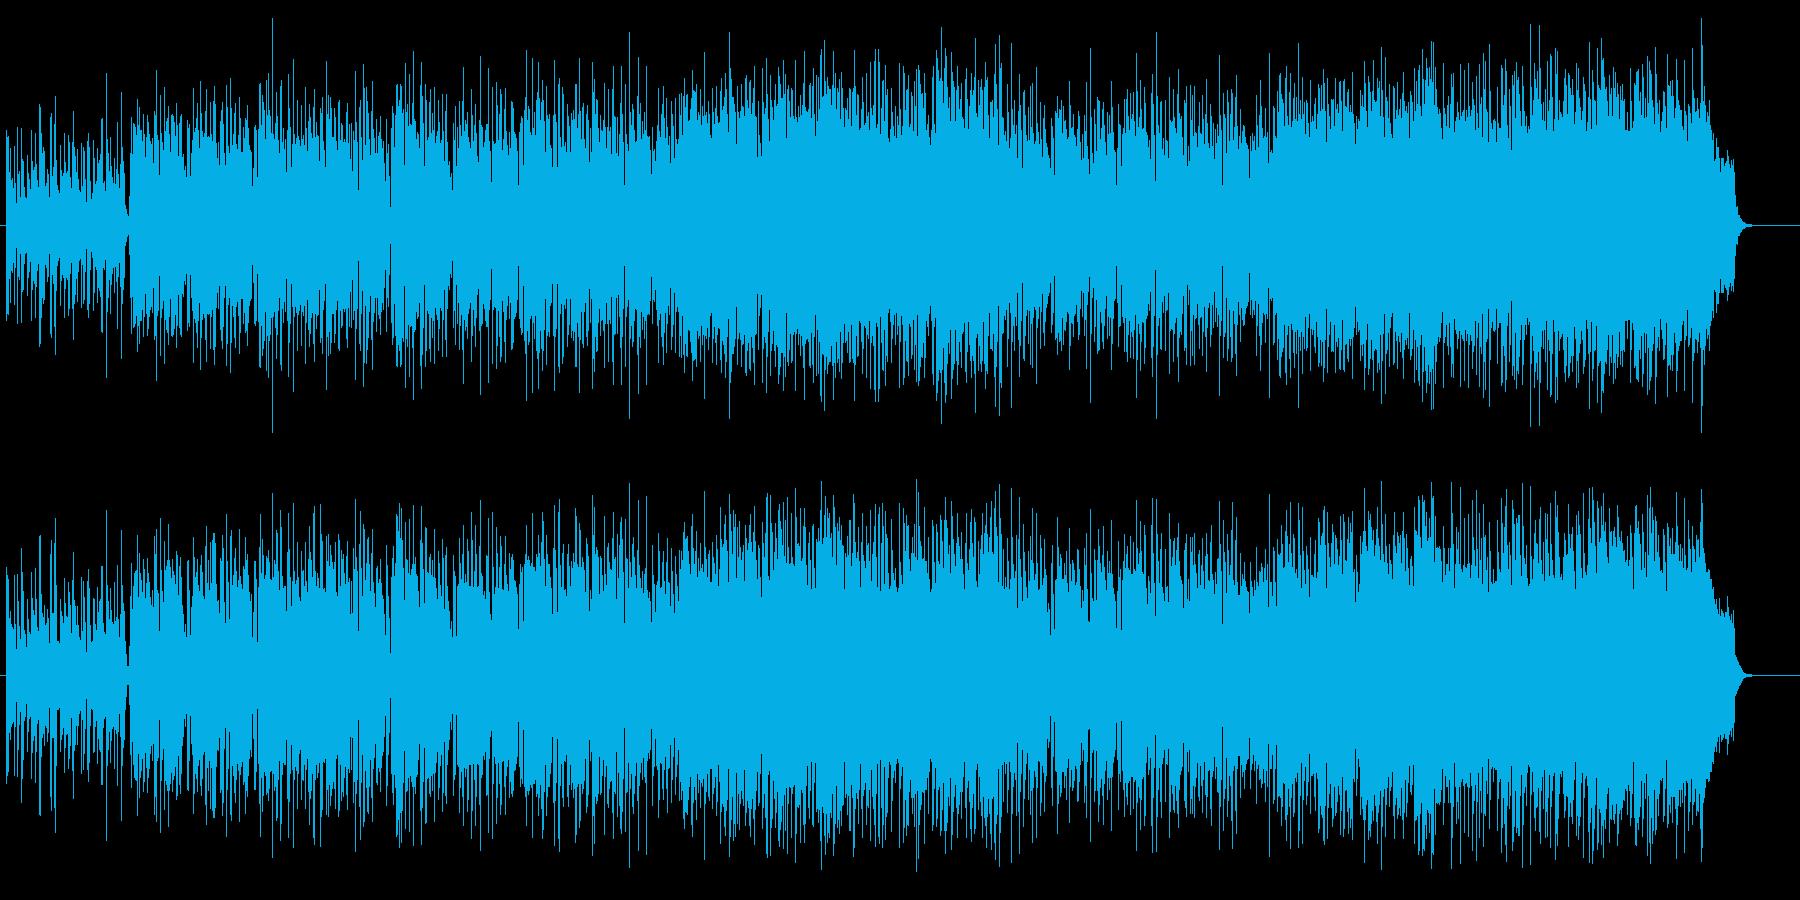 ほがらかな午後のライト・ポップスの再生済みの波形